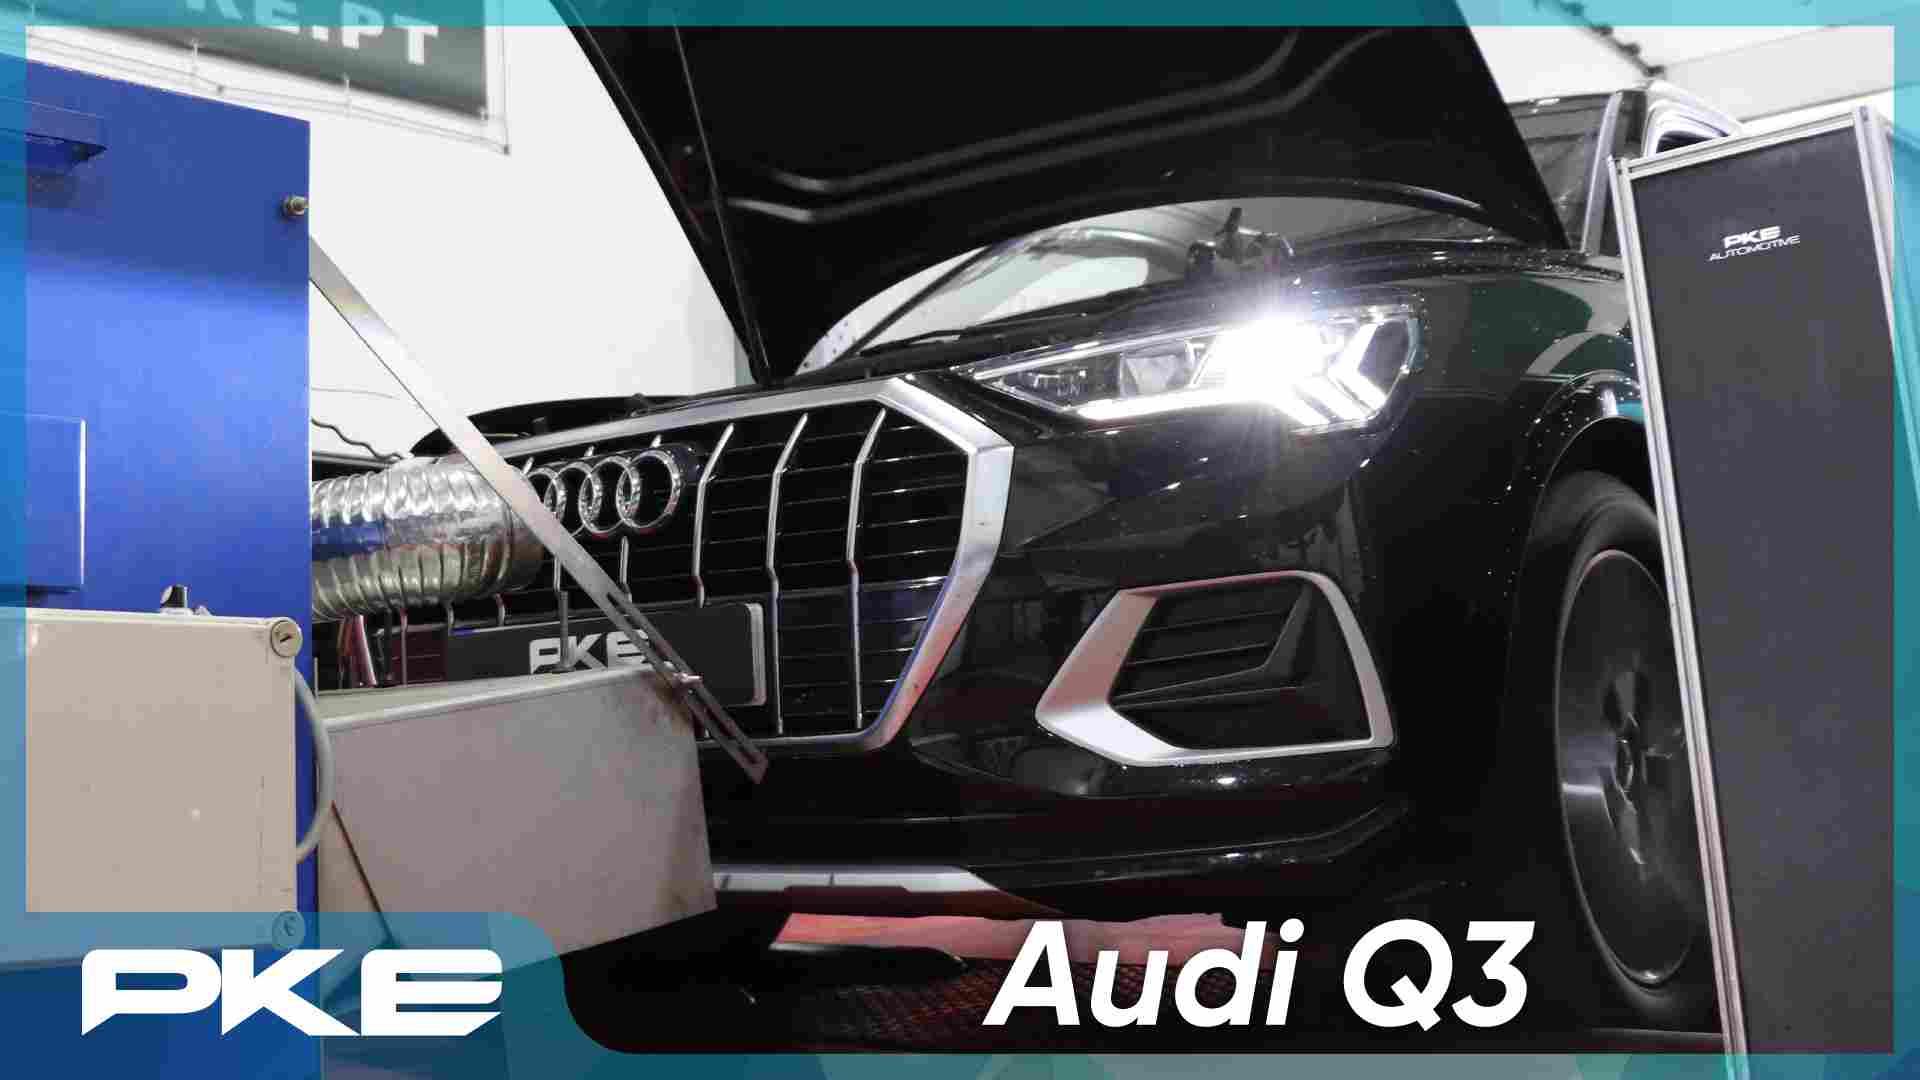 PKE FlexDRIVE Audi Q3 35 TDI 2019